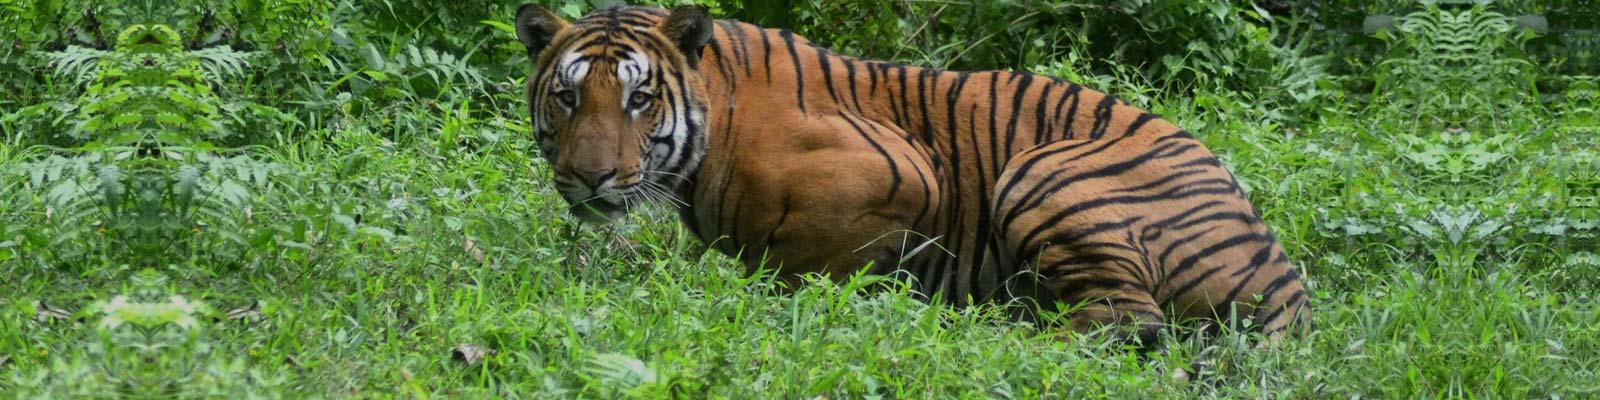 Tiger in sariska